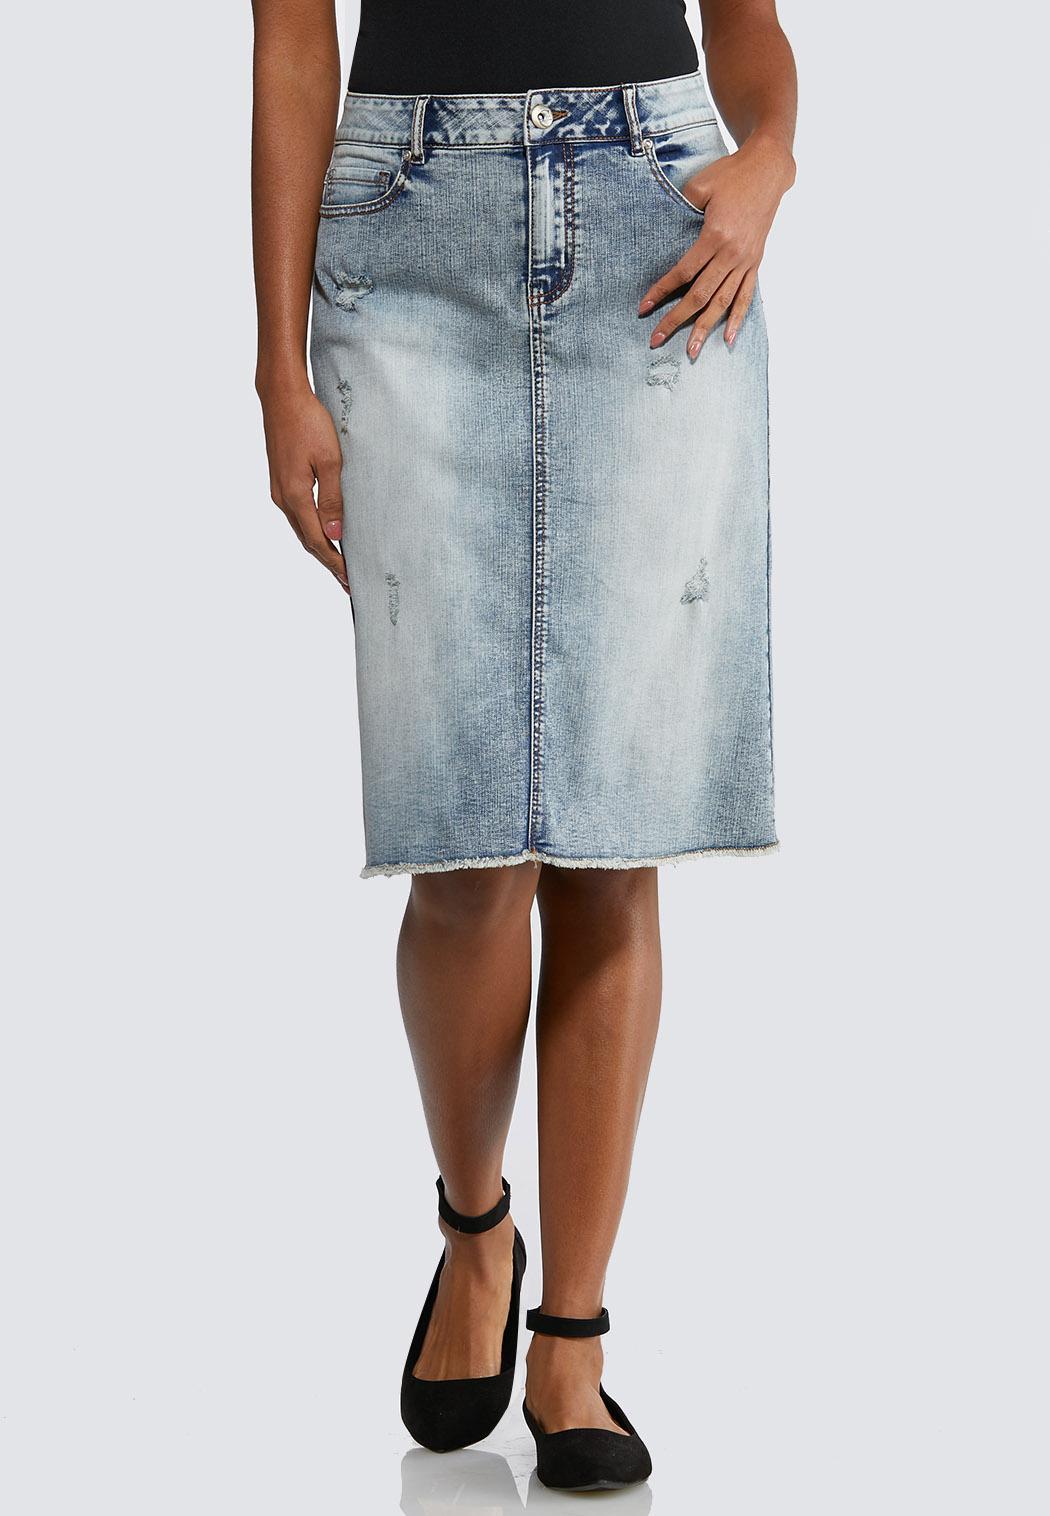 fb5c1dda3 Women's Denim Skirts